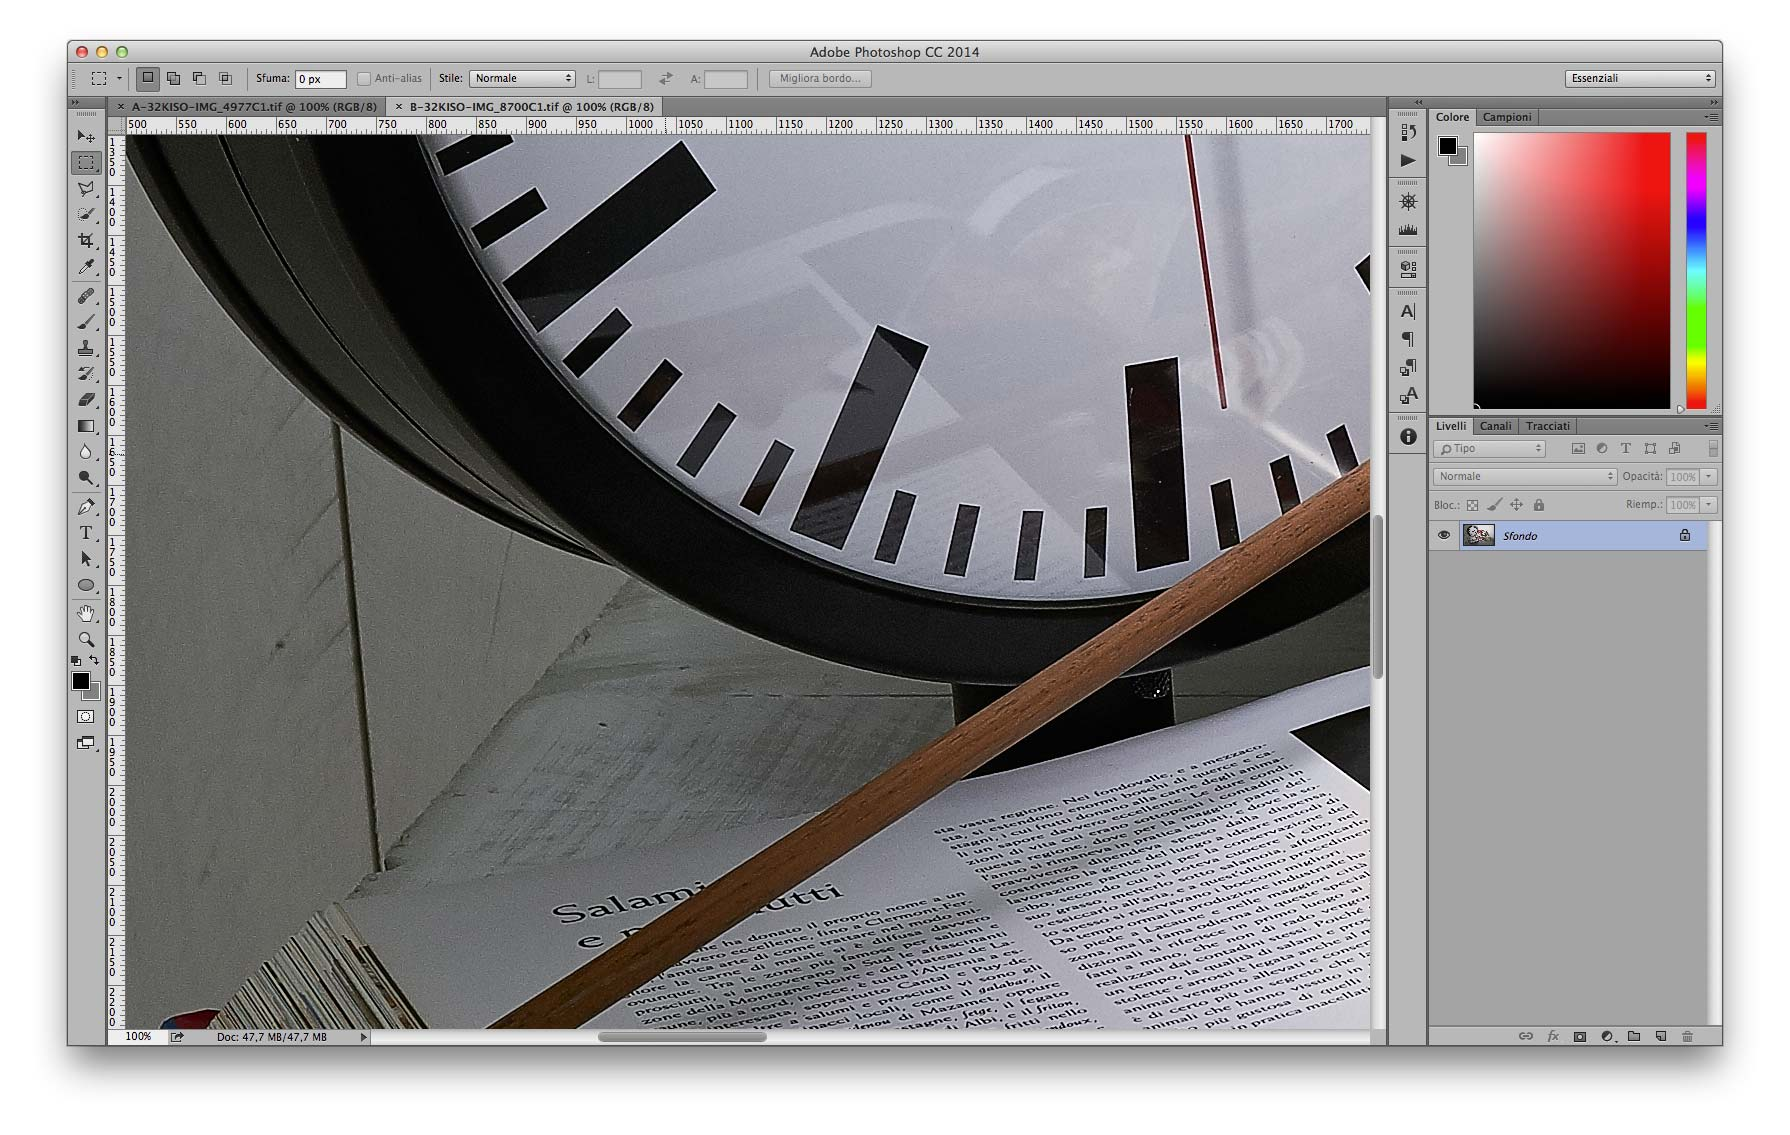 Dettaglo Alte Luci - B 35mm f/11 3200 ISO Recuperati -2EV in sviluppo